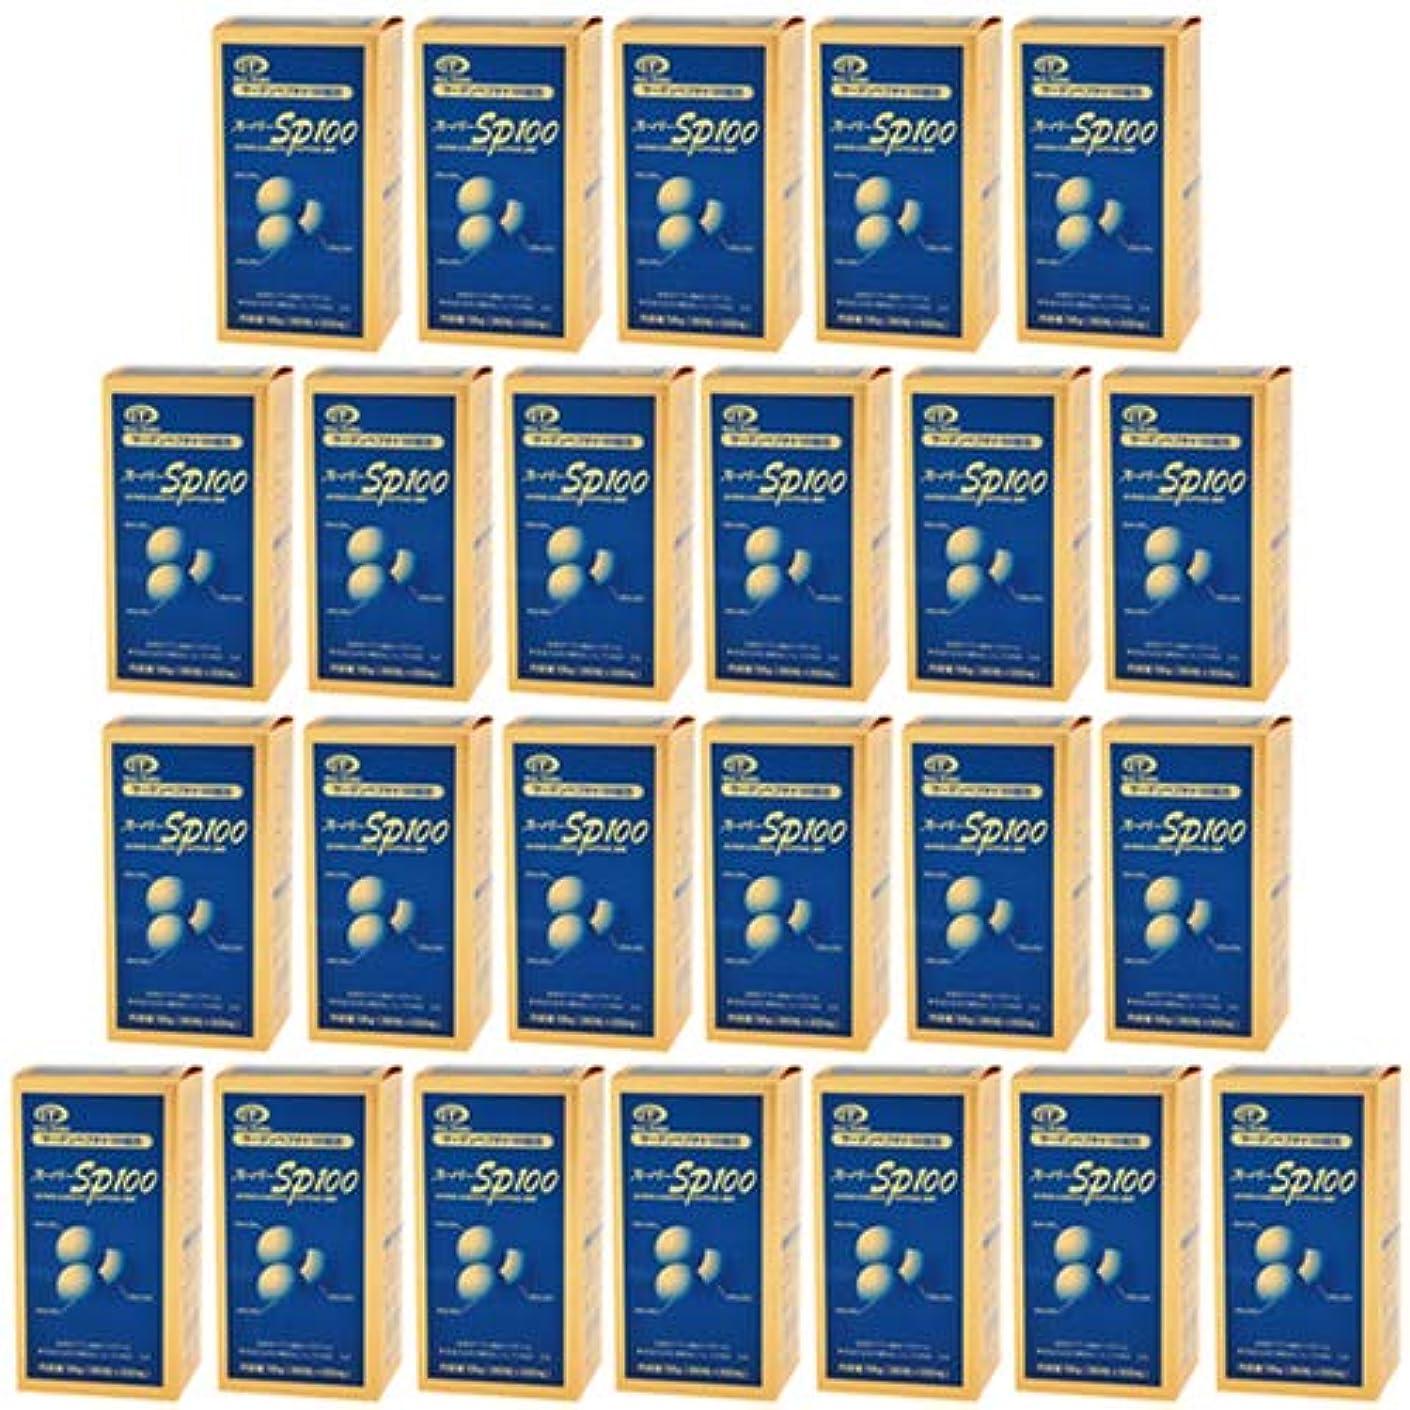 スーパーSP100(イワシペプチド)(360粒) 24箱